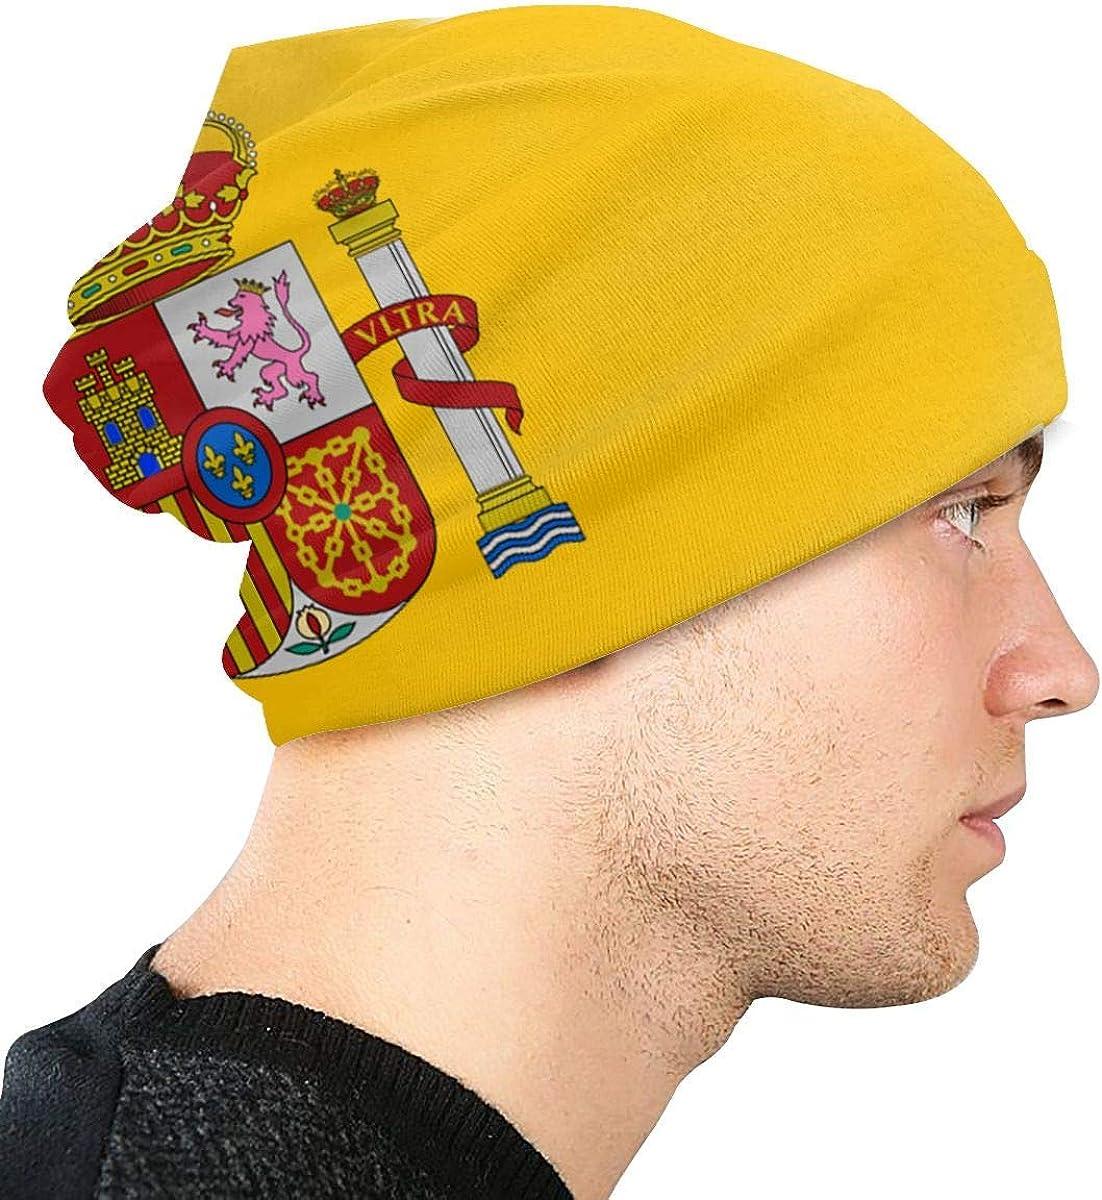 Sombreros de Punto Beanie para Hombres y Mujeres Gorras de Calavera Bandera de España Gorros cálidos Gorro de esquí de Punto: Amazon.es: Ropa y accesorios